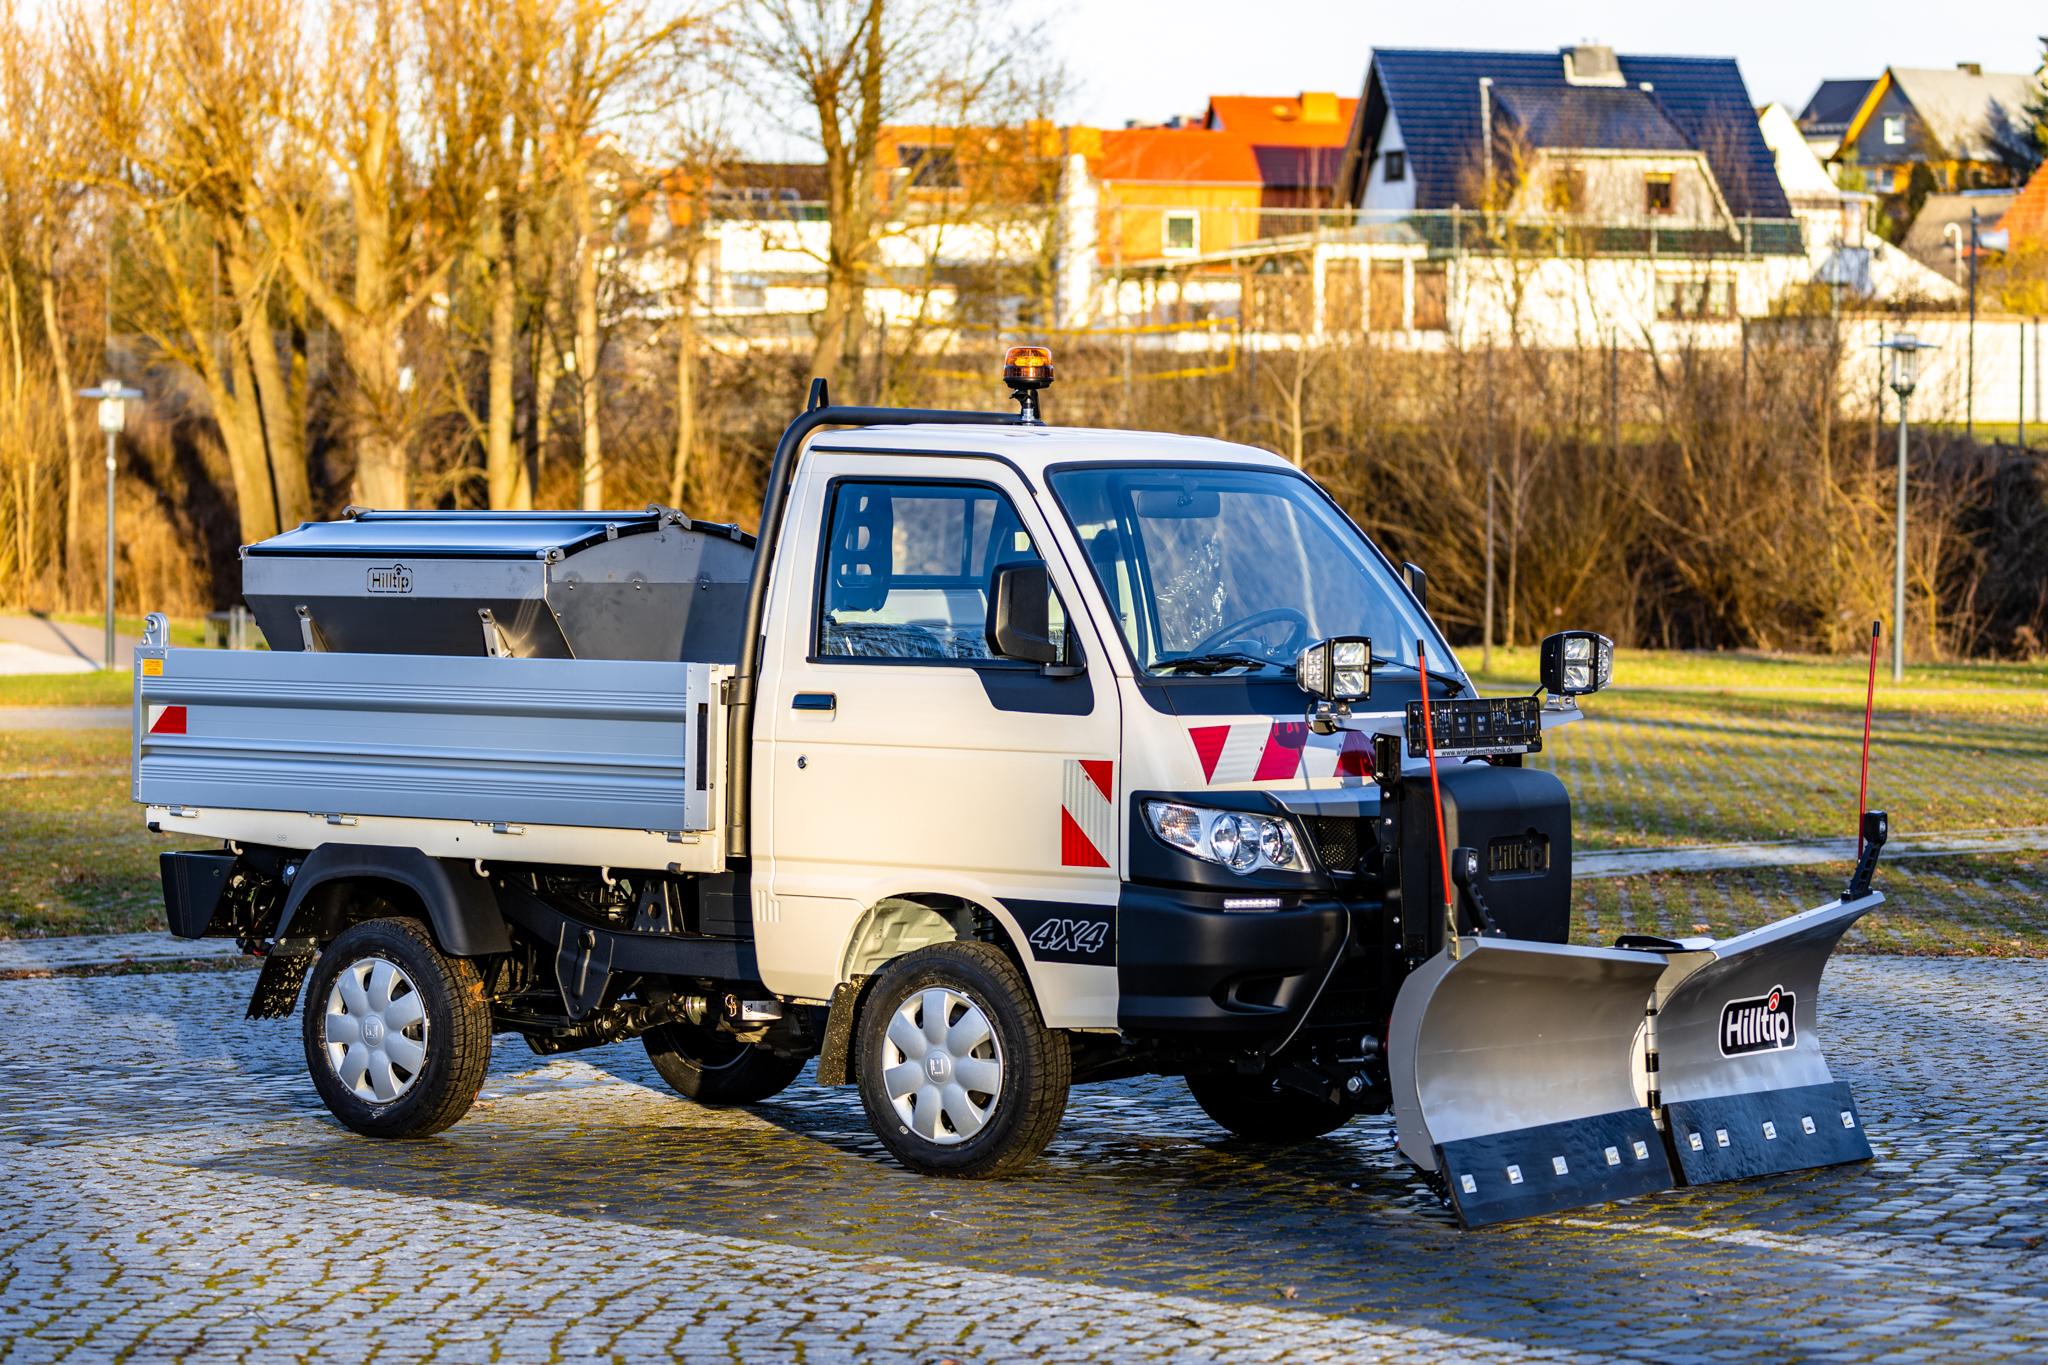 Hersteller Winterdienstfahrzeuge Piaggio Porter: Handel, Vertrieb, Lieferant - HWNtec Winterdienstfahrzeuge